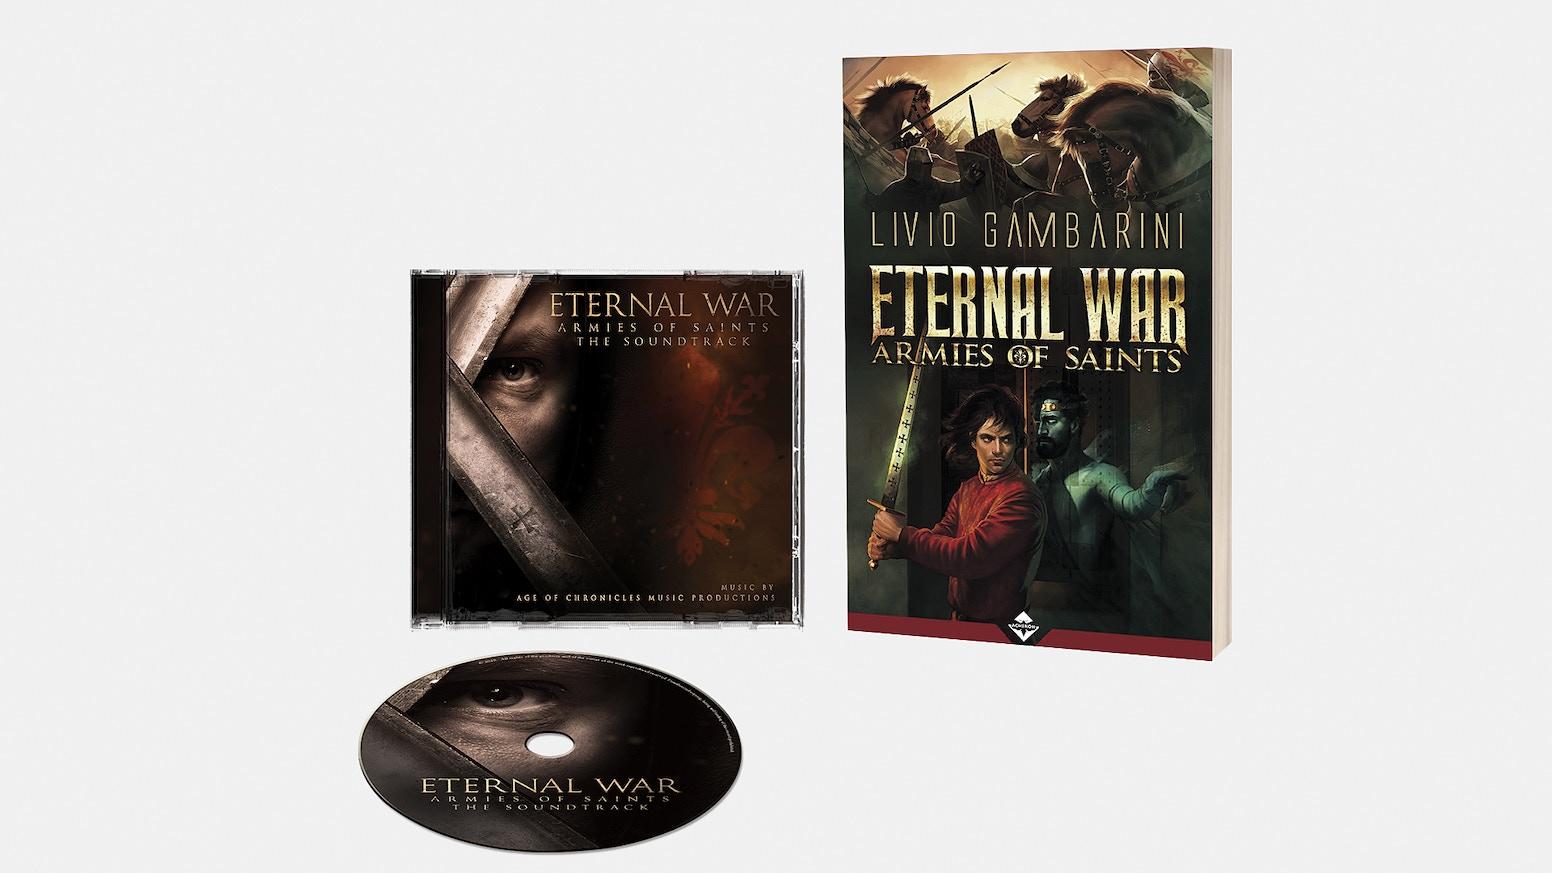 """Album della Colonna Sonora Originale ispirata al romanzo """"Eternal War"""" dello scrittore Livio Gambarini."""